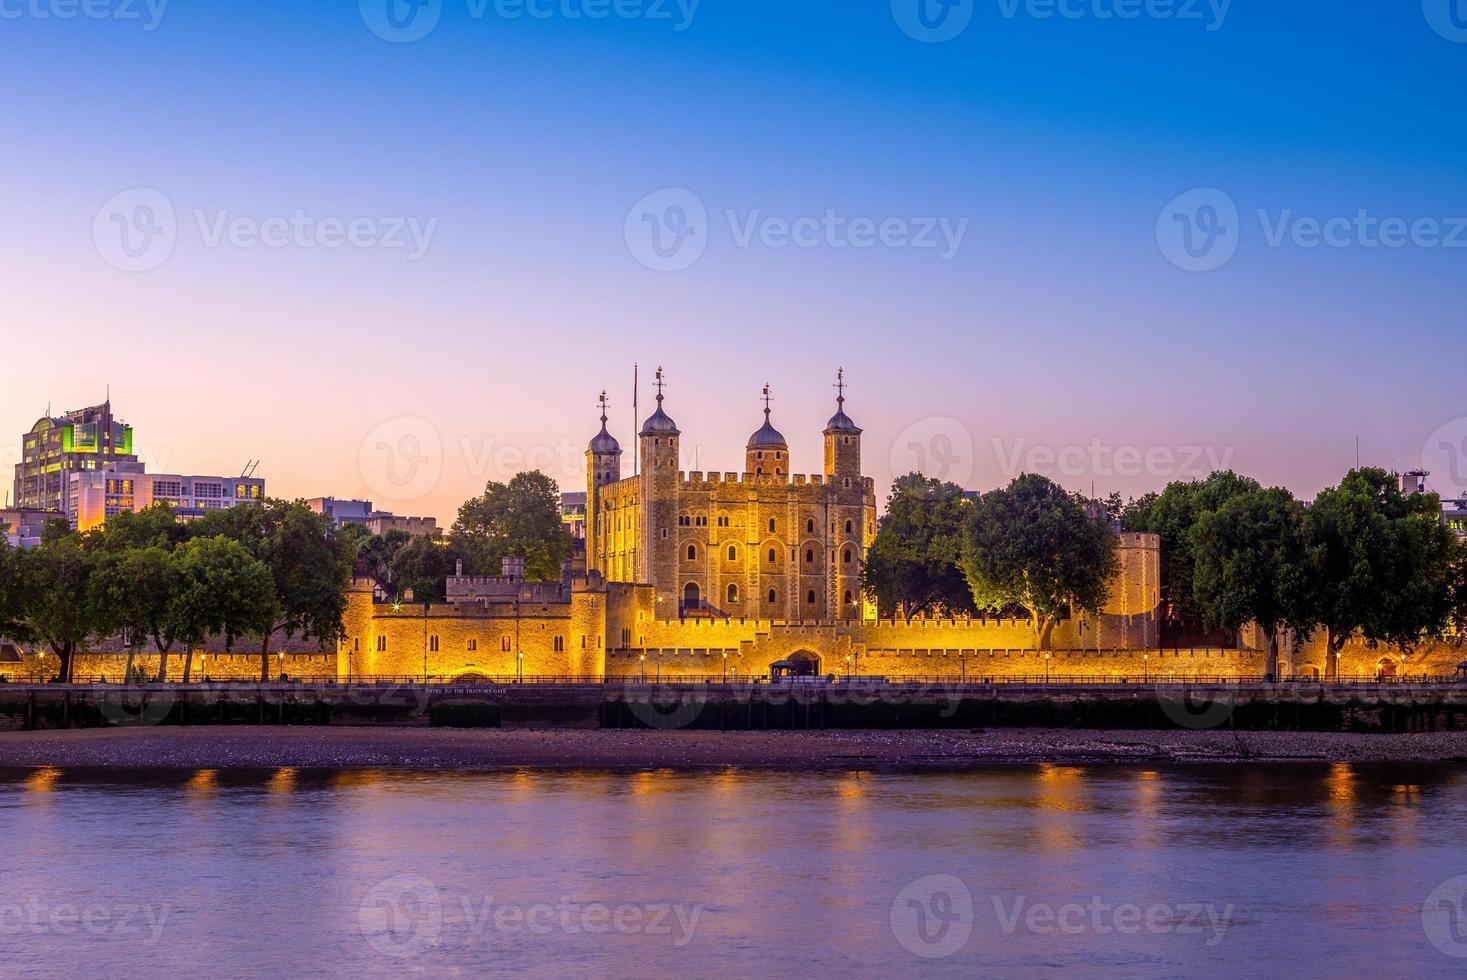 tour de londres la nuit au royaume-uni photo